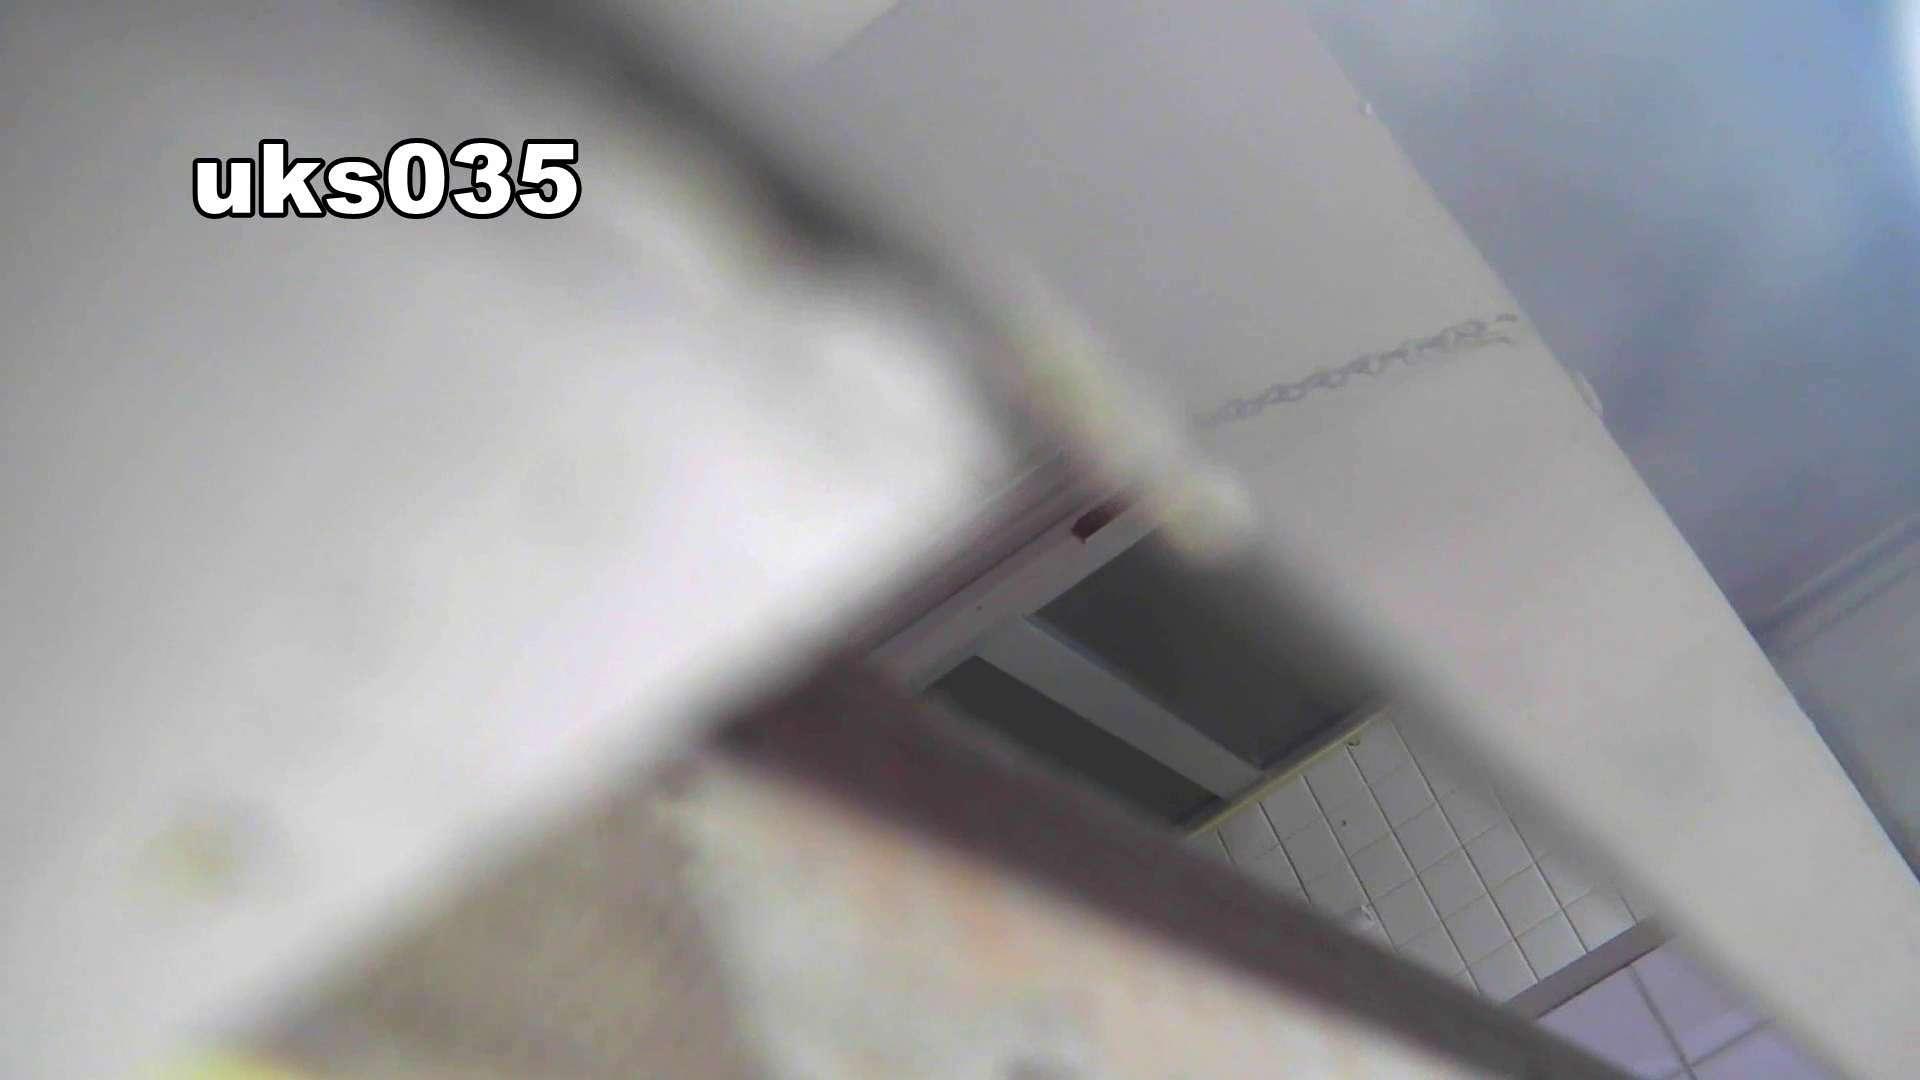 洗面所特攻隊 vol.035 美脚にょろ OL | 洗面所着替え  53連発 30